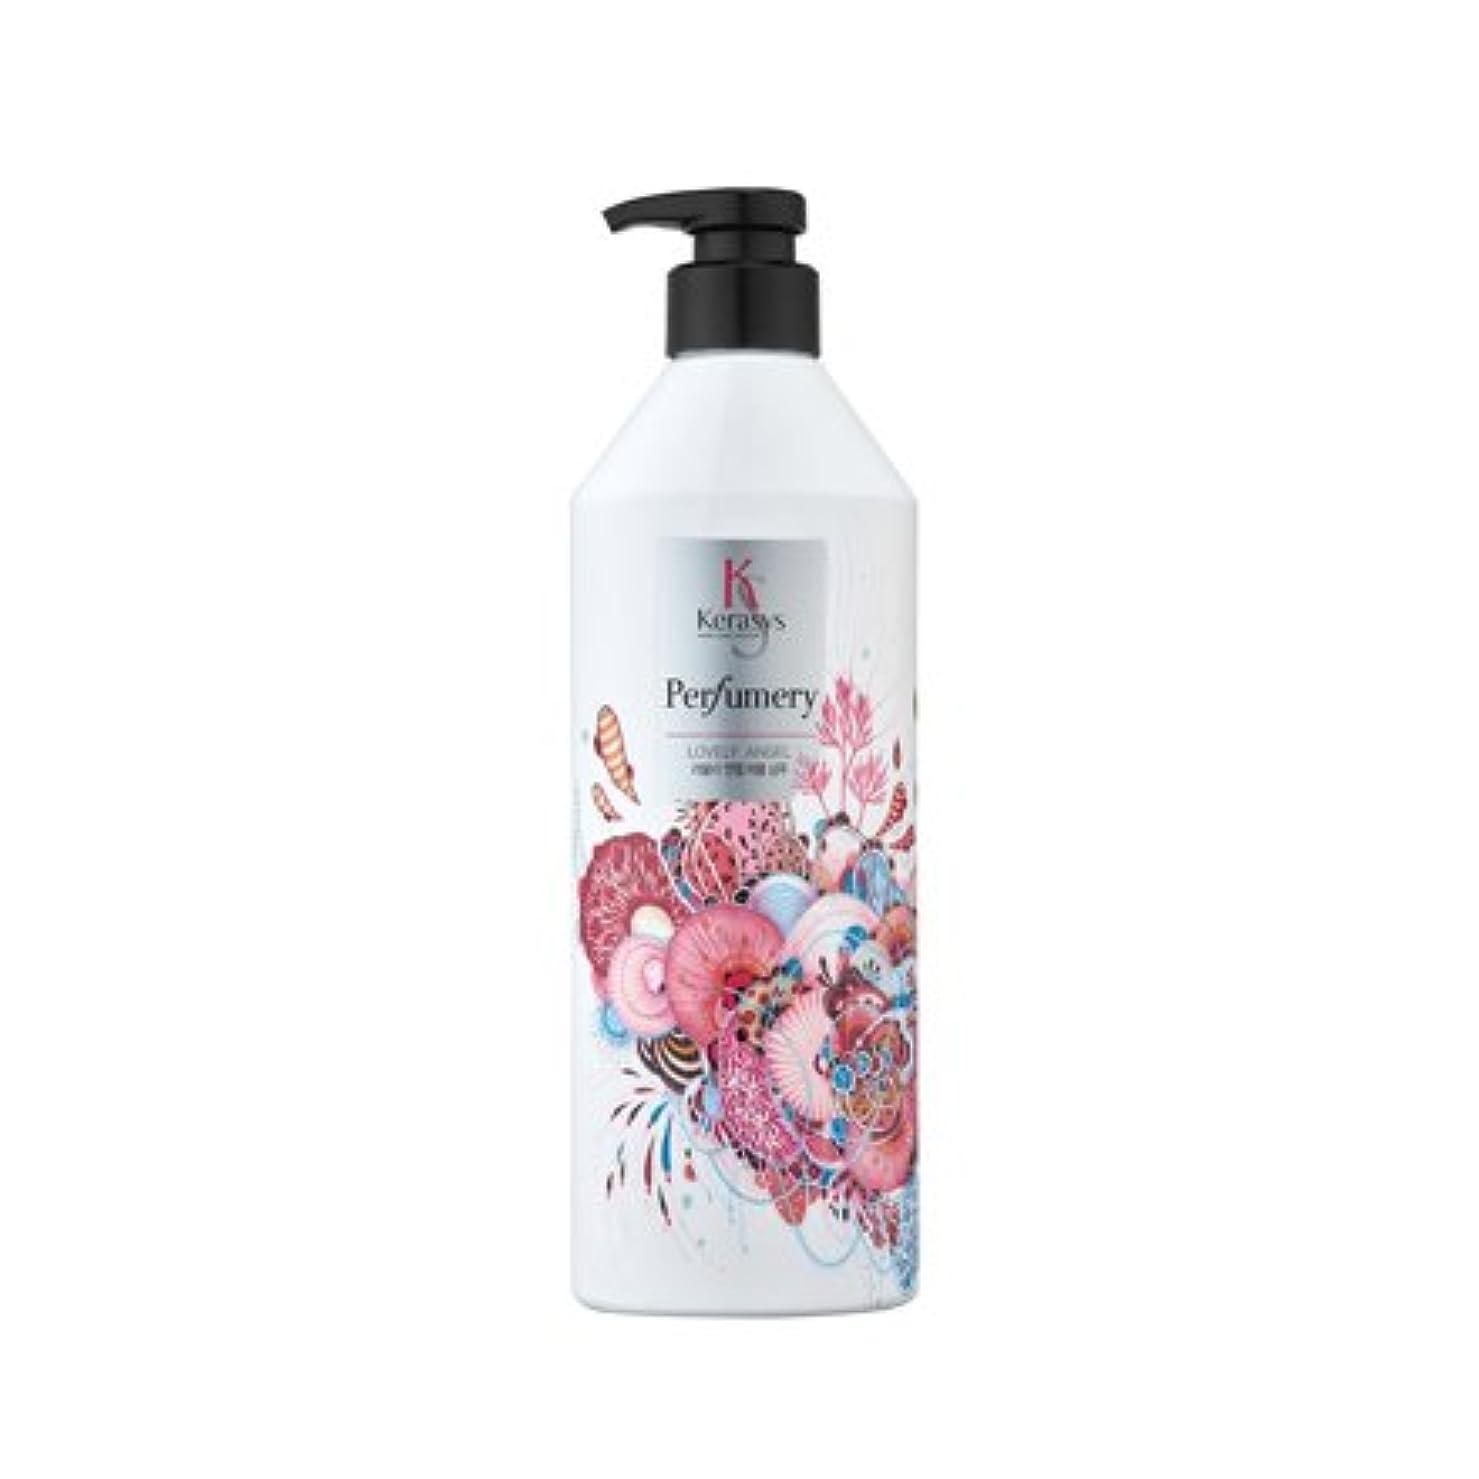 結核資金ボウリング[Kerasys] ラブリーエンジェル パフューメリパフュームシャンプー 600ml Lovely Angel Perfumary shampoo 600ml [海外直送品]